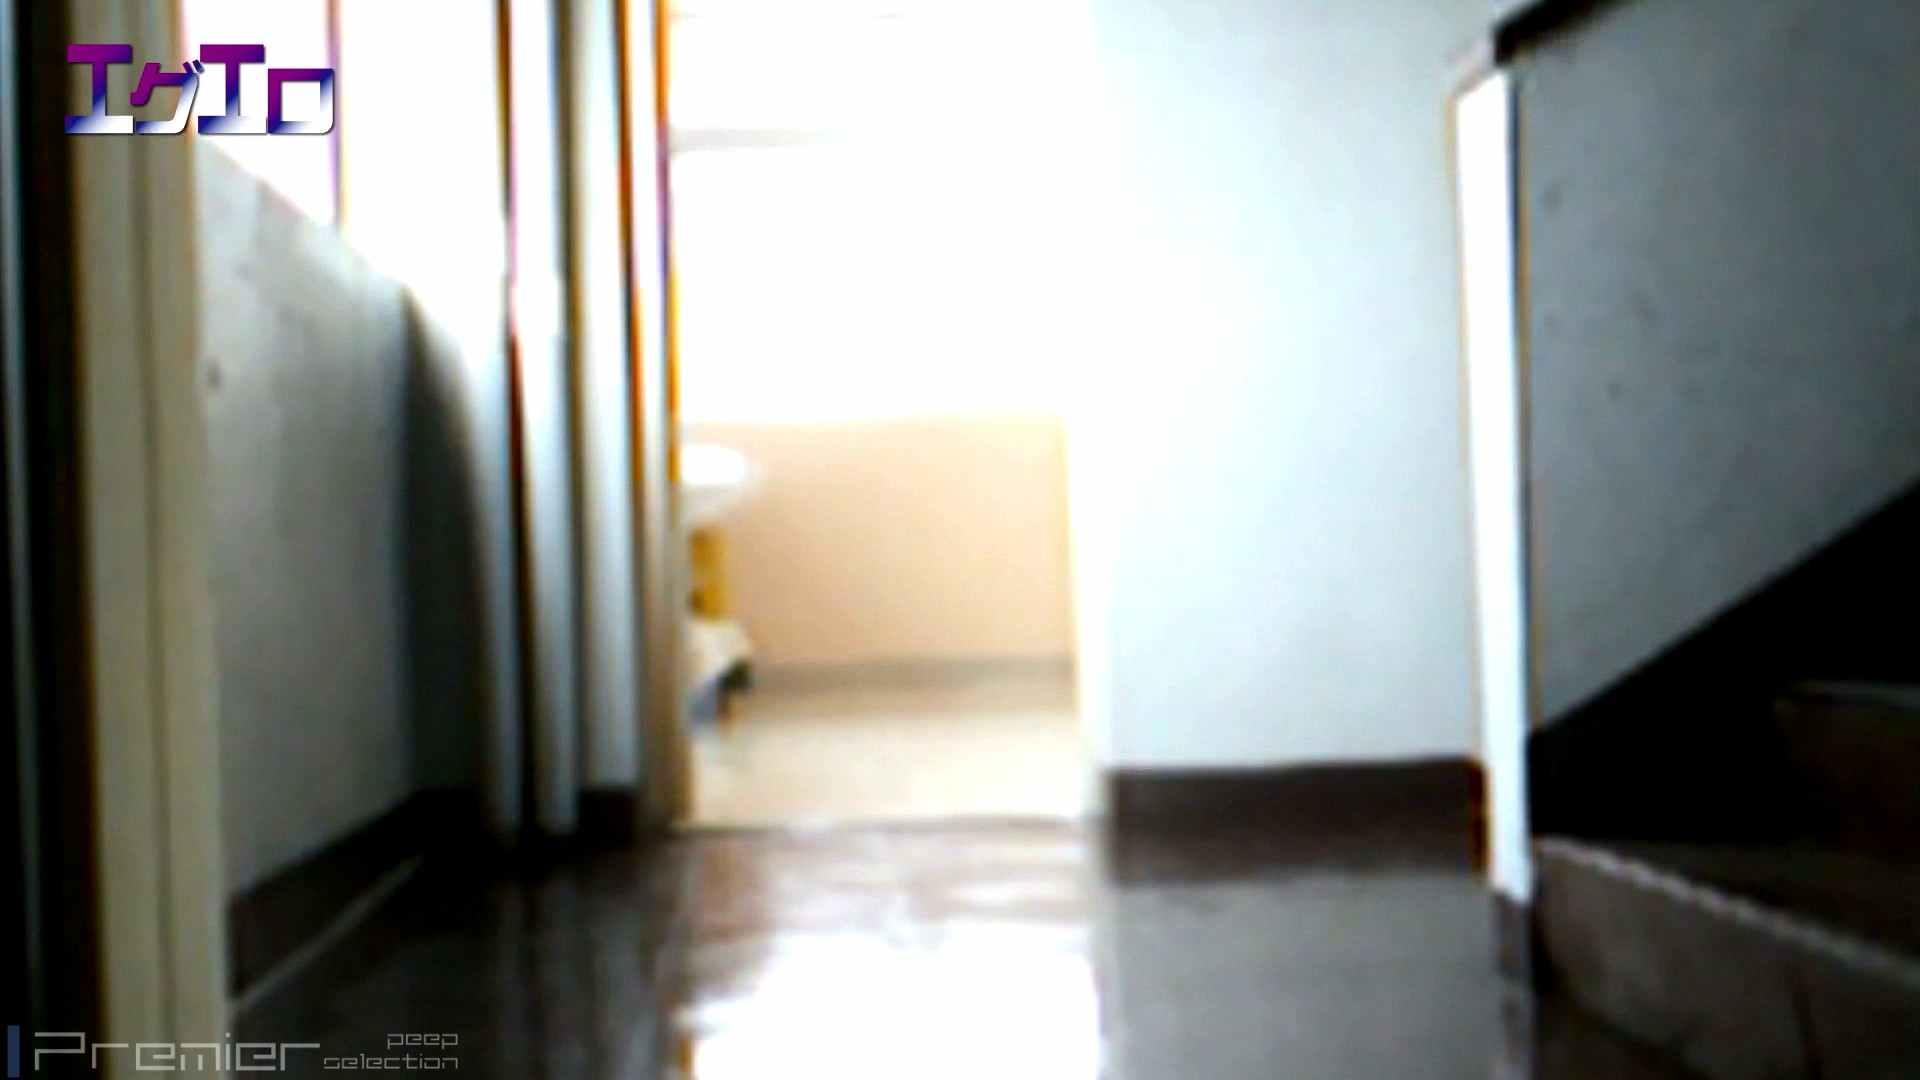 至近距離洗面所 Vol.10ブルージーンズギャルの大放nyo OL | ギャル・コレクション  61連発 10